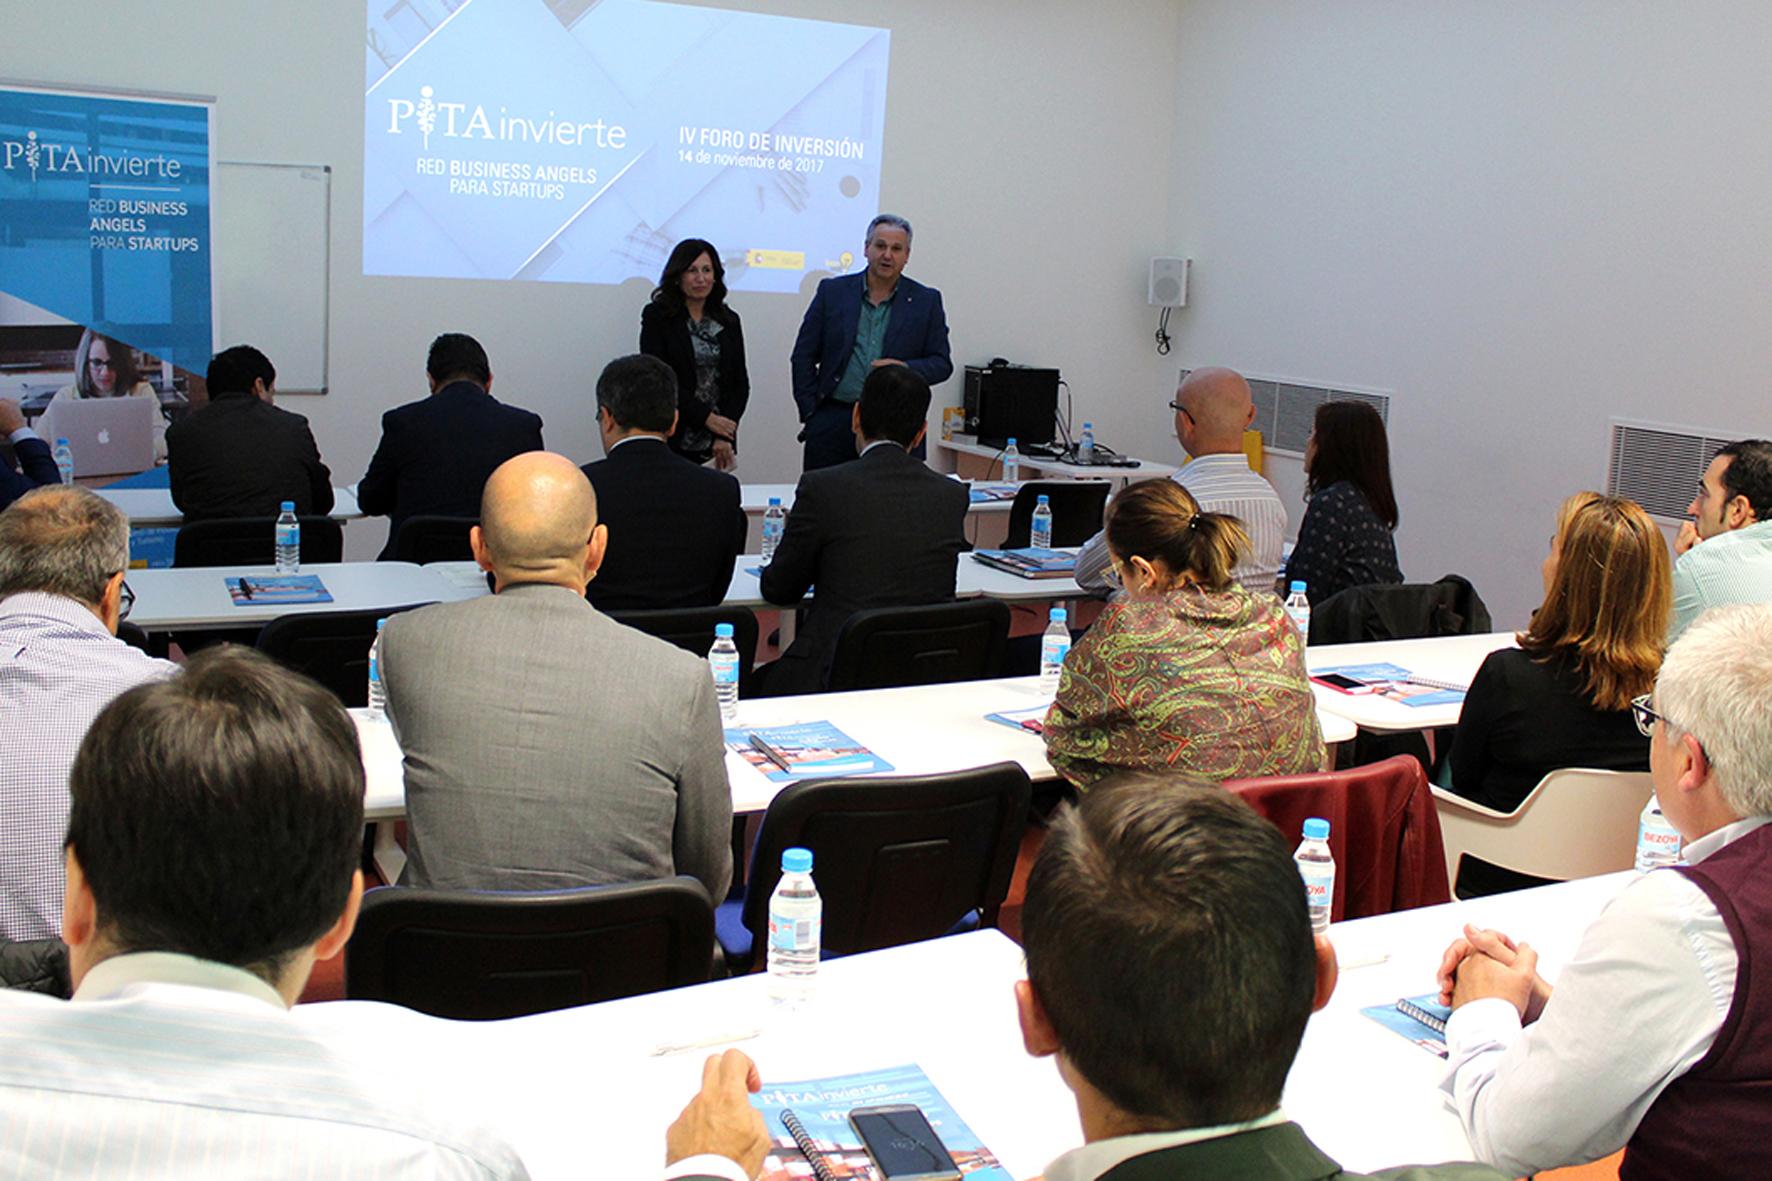 Universidad y PITA promueven la inversión en empresas creativas y tecnológicas